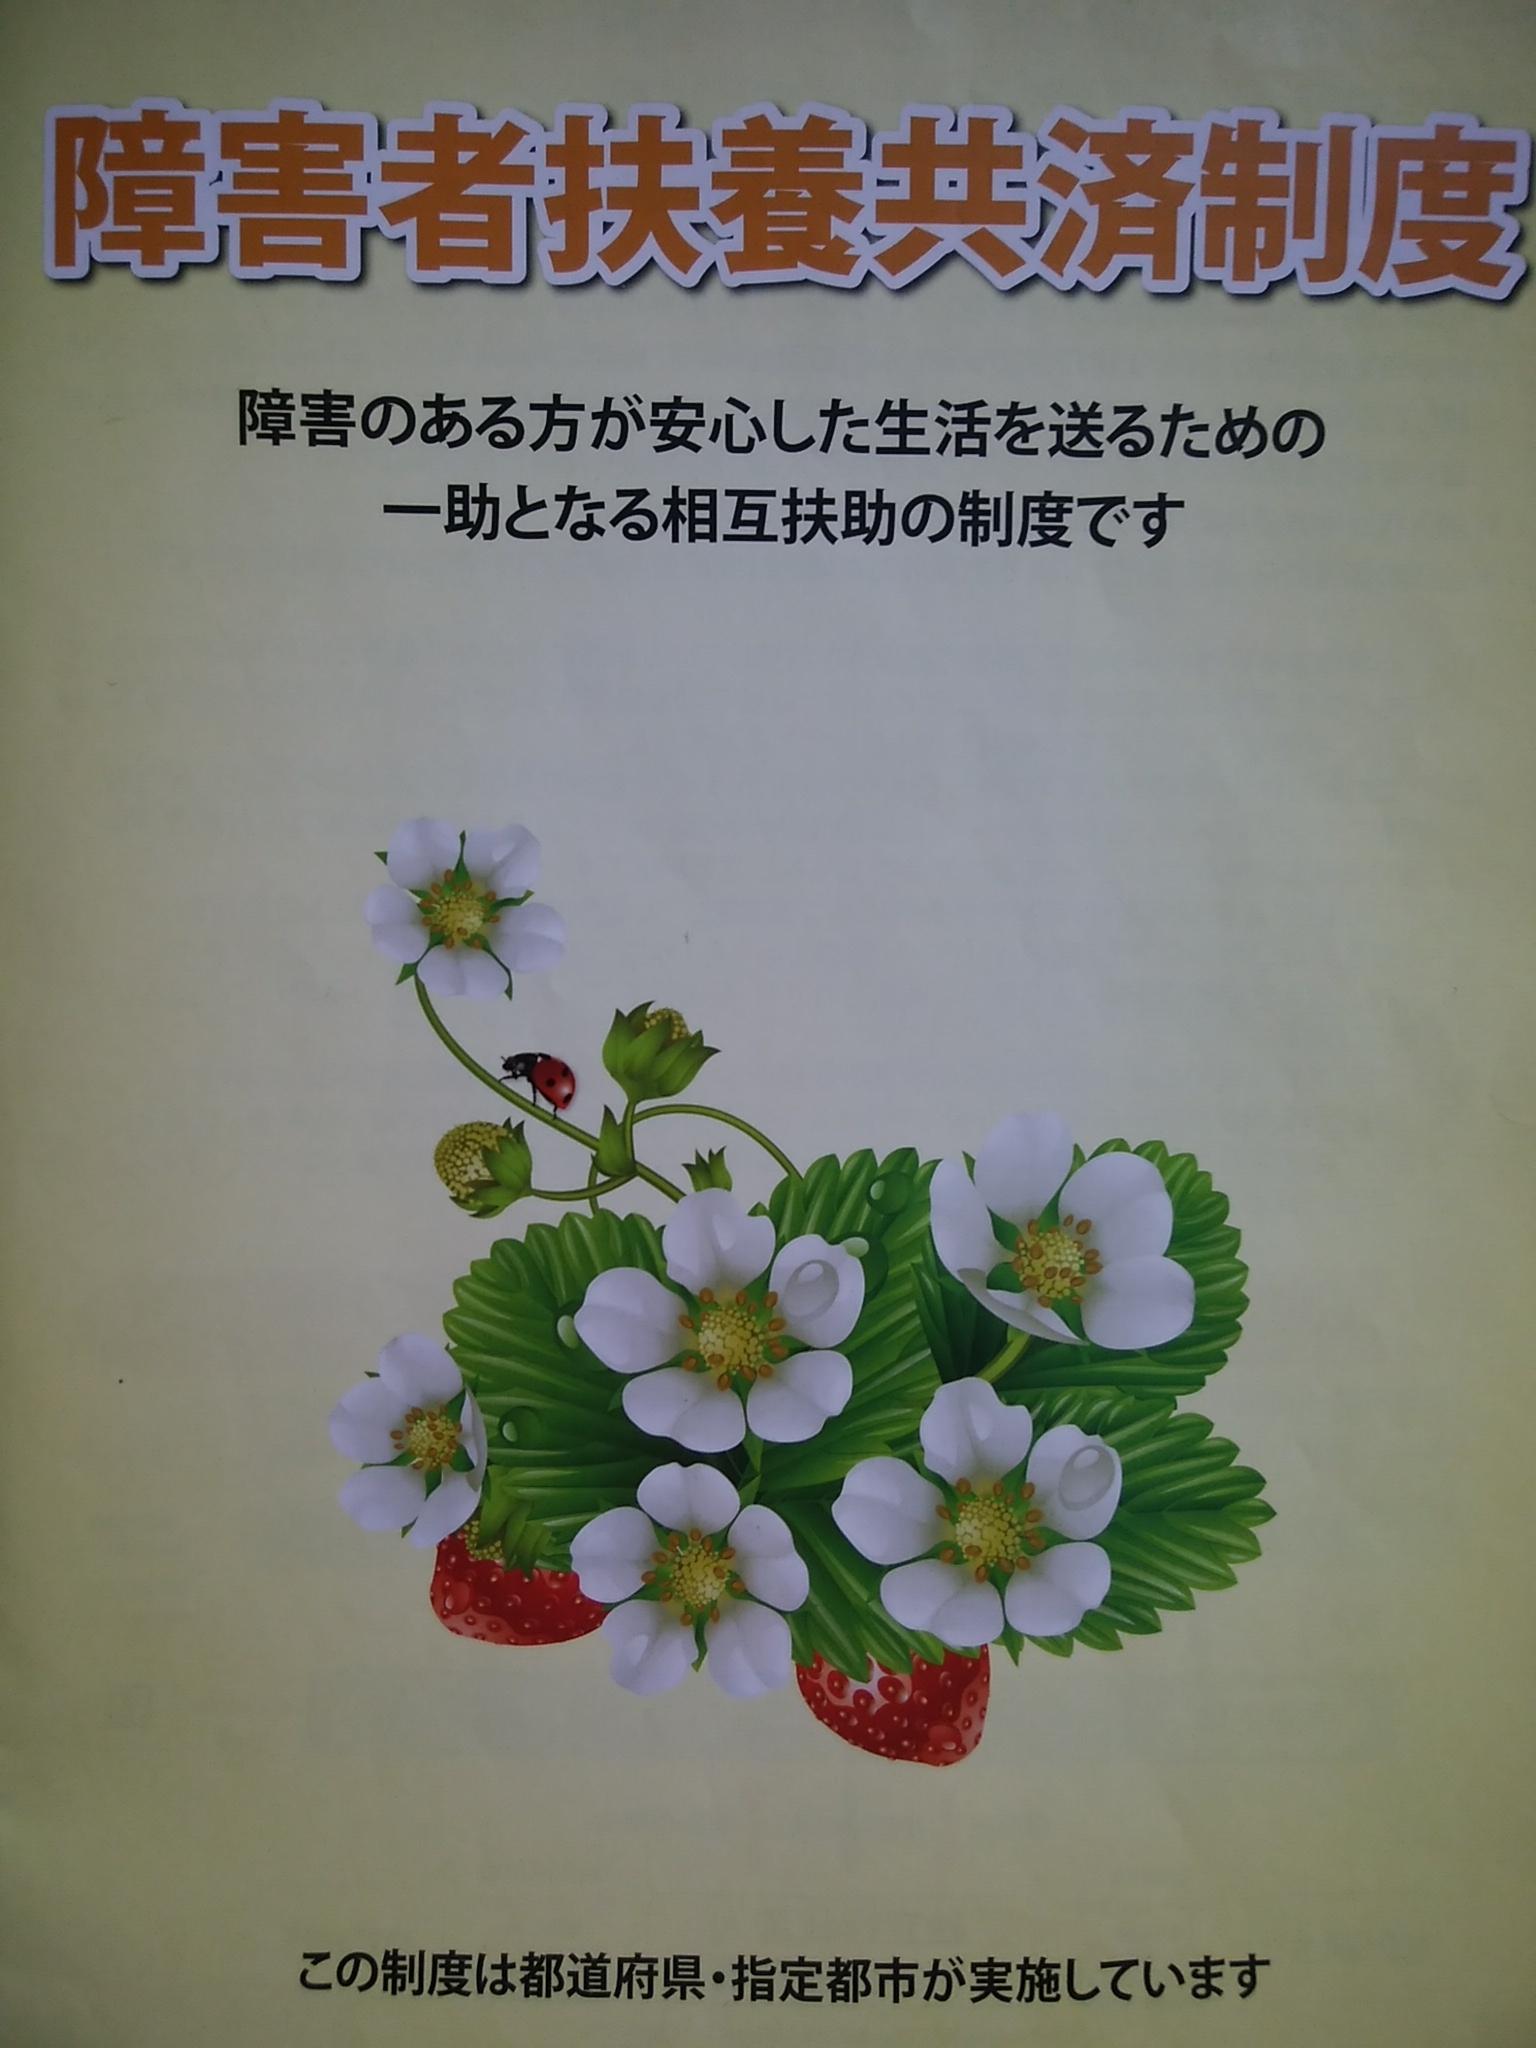 kyousai1.jpg